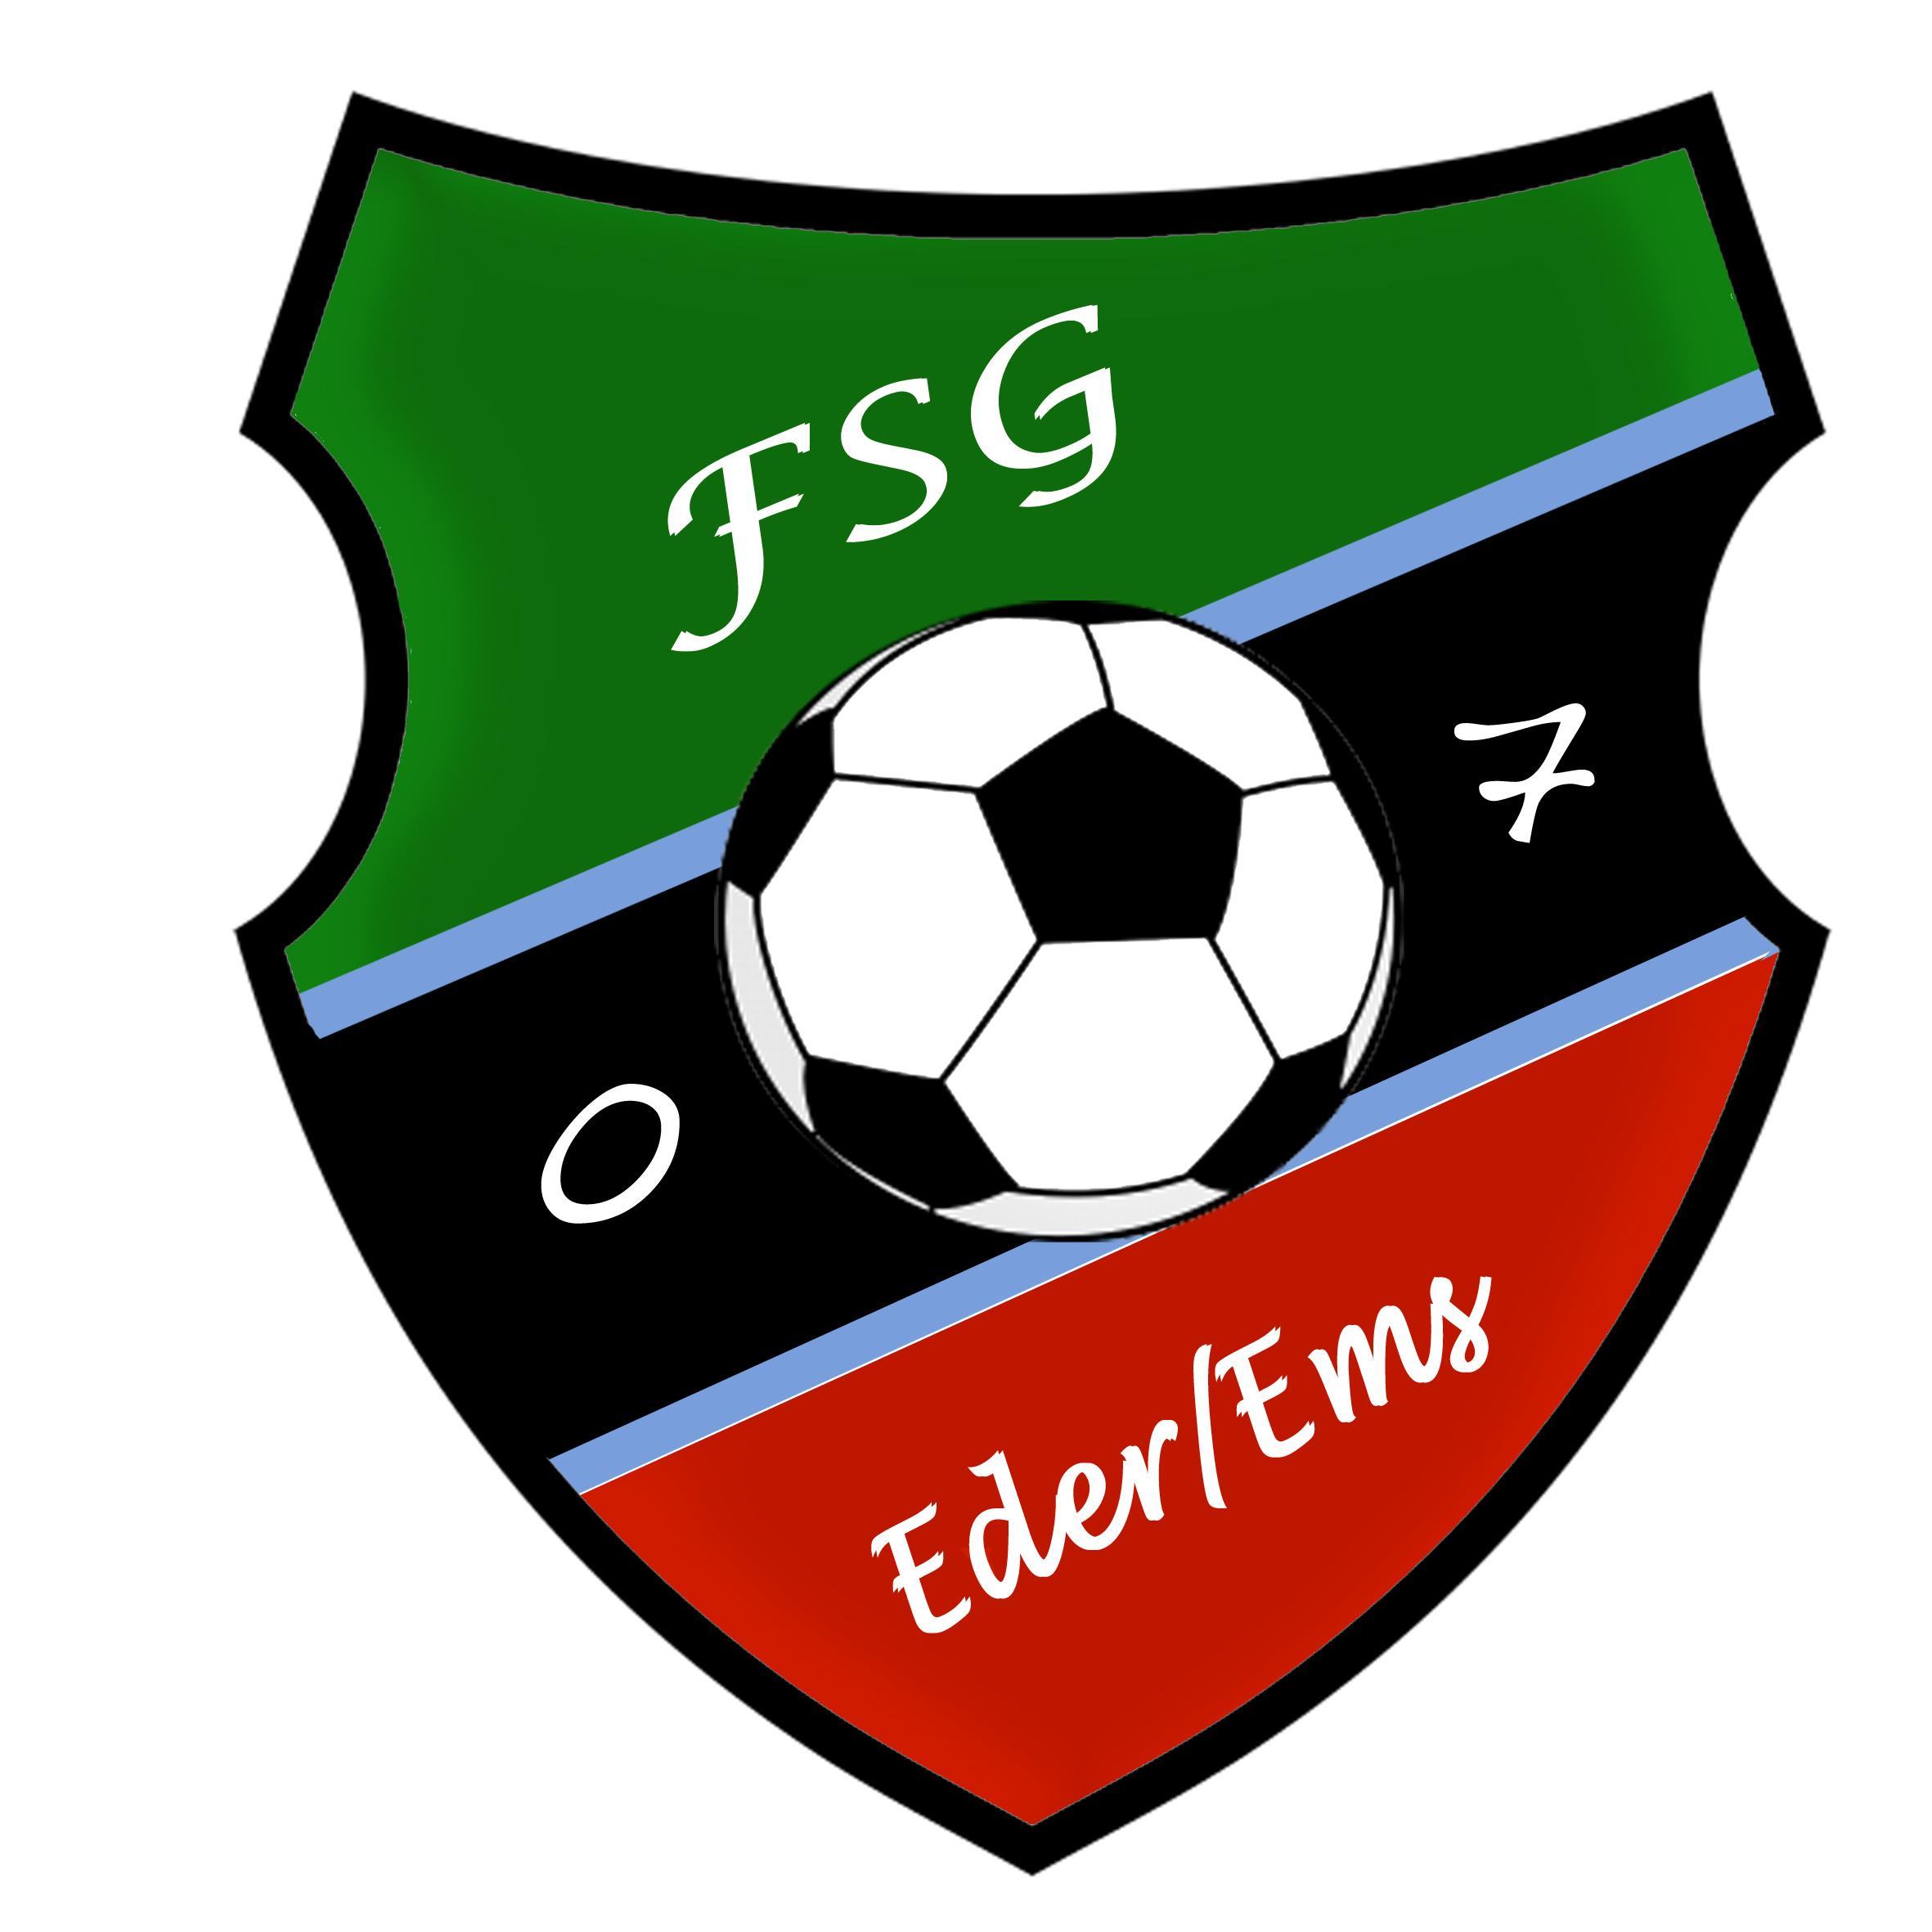 FSG Eder Ems 07